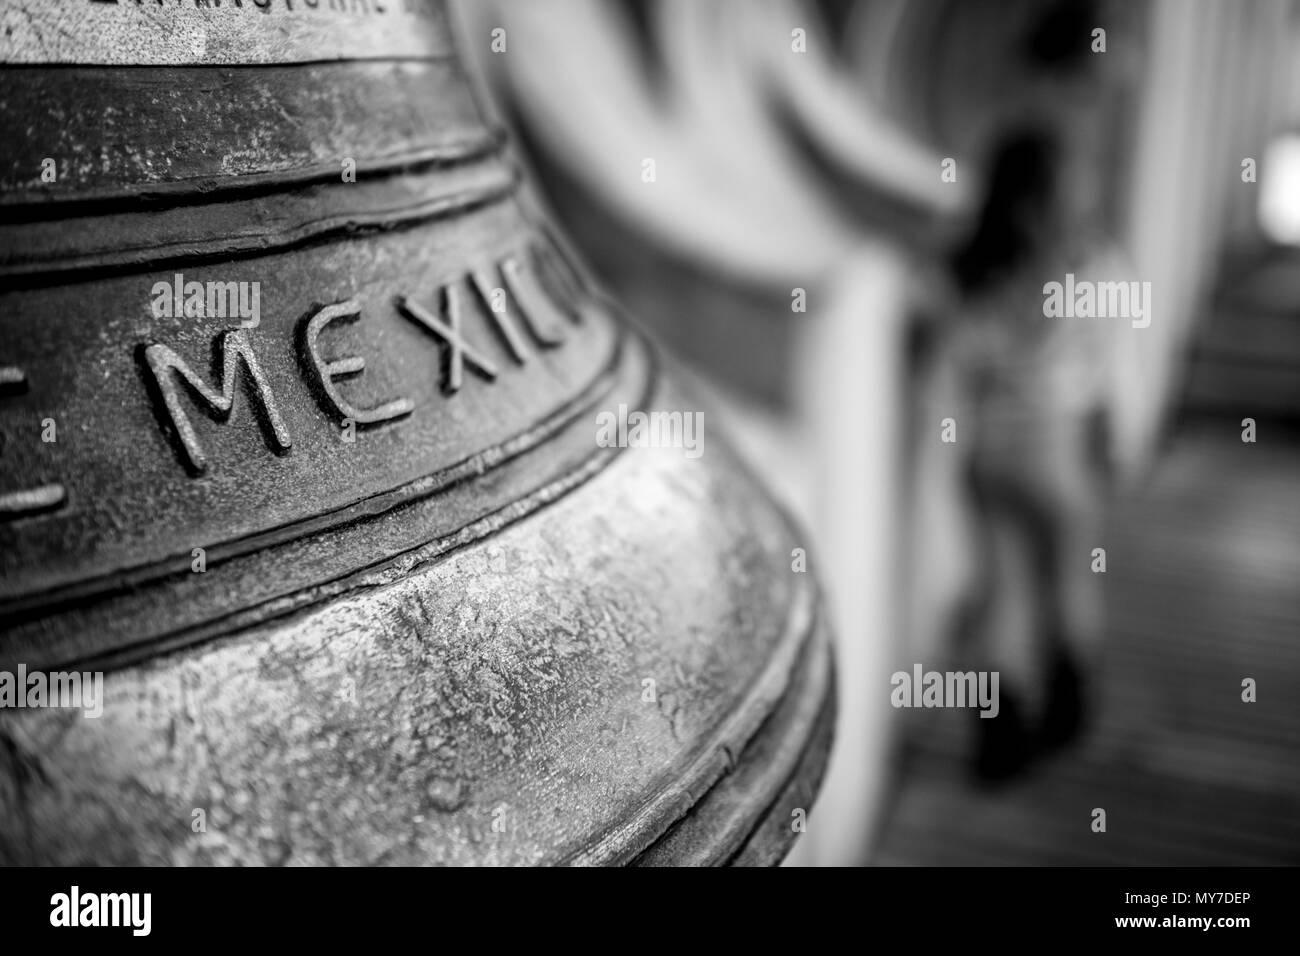 Lettre M faible accent sur l'énorme cloche en laiton avec légende au Mexique avec silhouette d'enfant floue en arrière-plan en noir et blanc Photo Stock